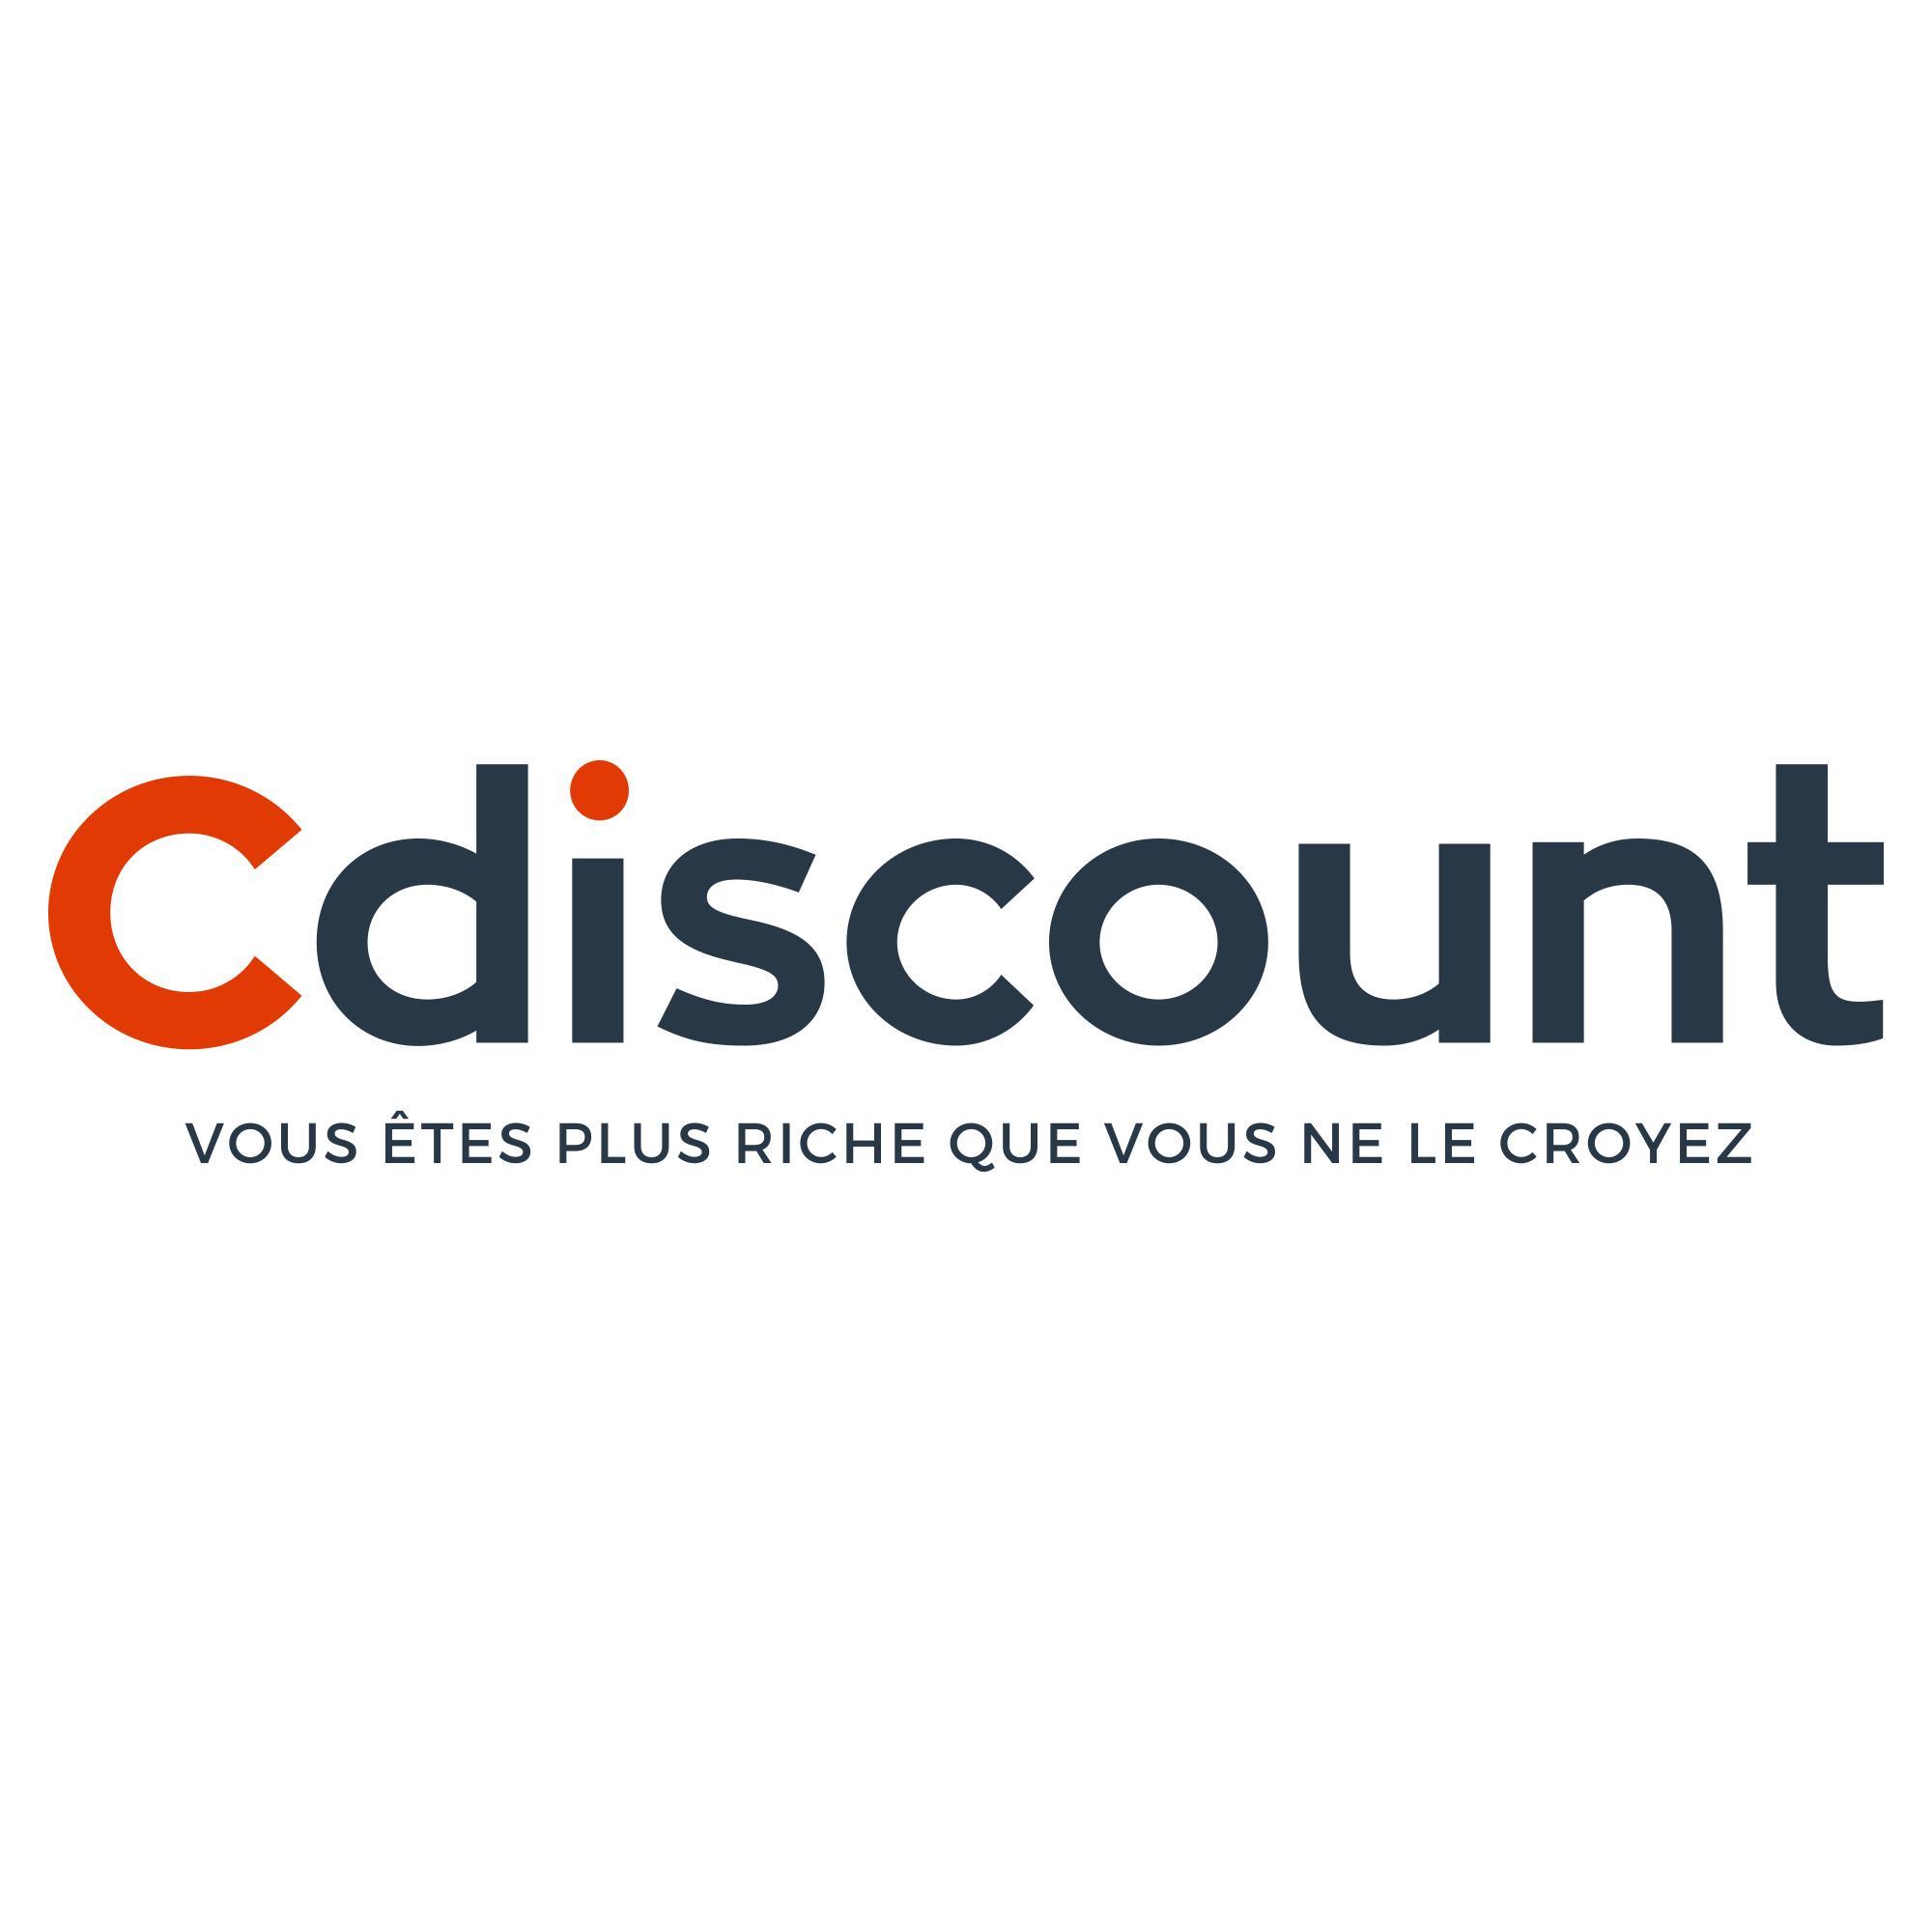 [Cdiscount à Volonté] 10€ de réduction dès 99€ d'achat, 50€ dès 399€, 100€ dès 699€ et 150€ dès 999€ sur tout le site